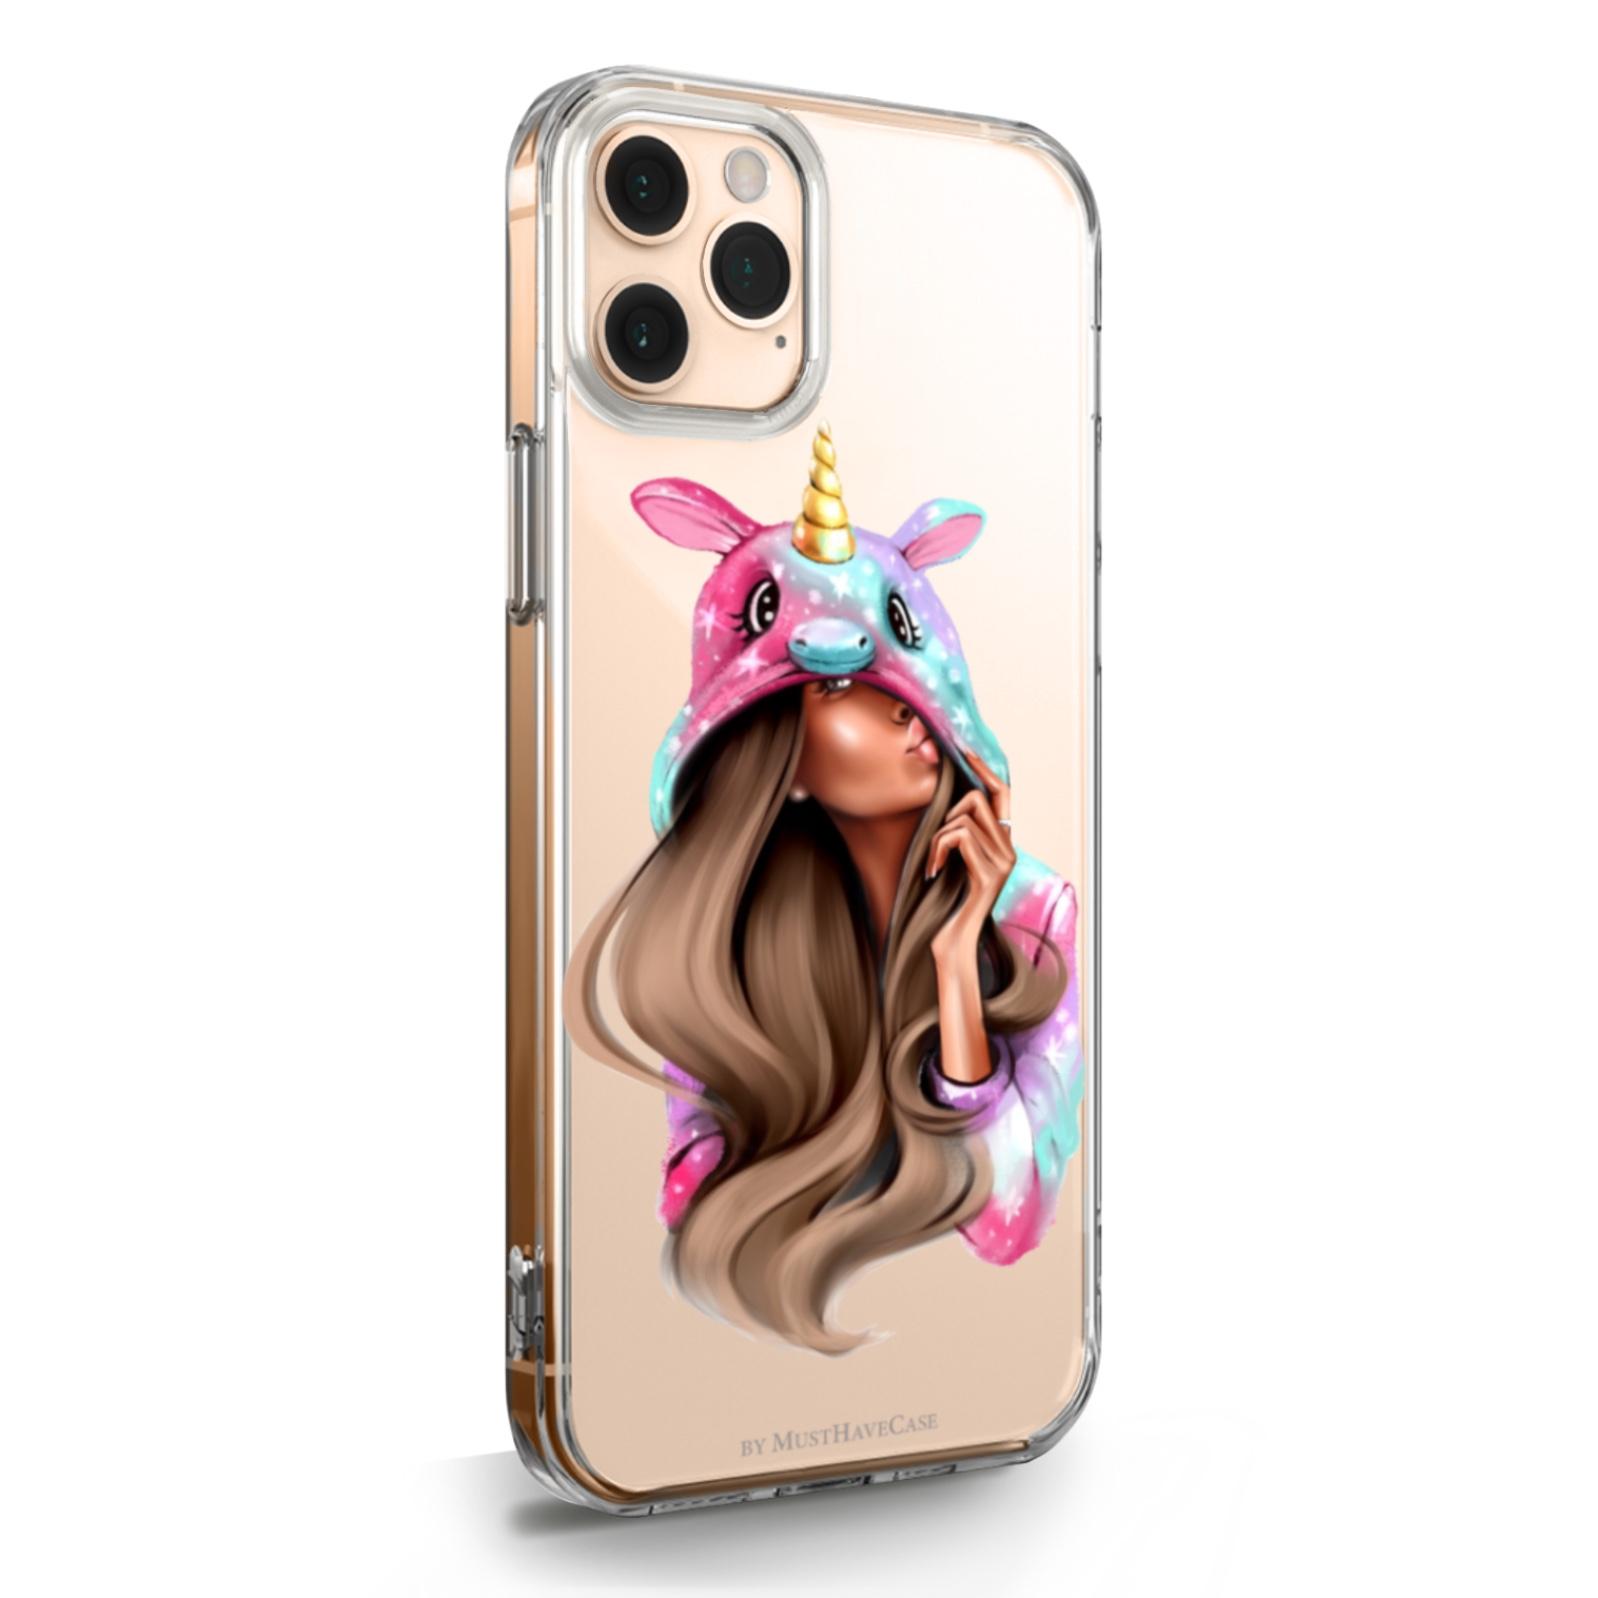 Прозрачный силиконовый чехол для iPhone 11 Pro Max Unicorn Girl/ Единорог для Айфон 11 Про Макс